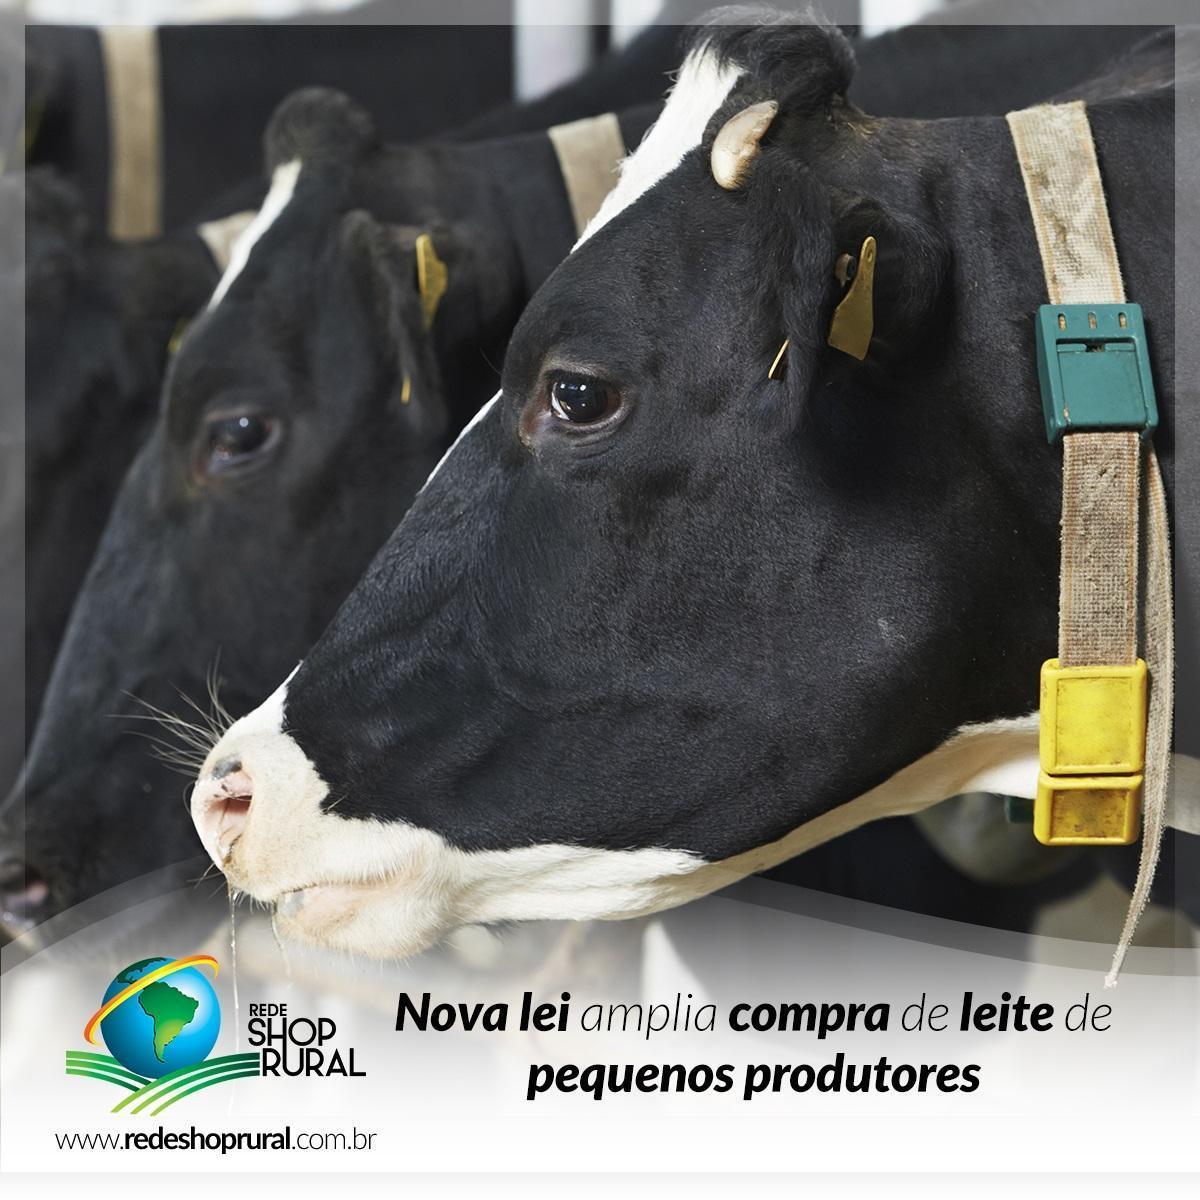 Nova lei amplia compra de leite de pequenos produtores